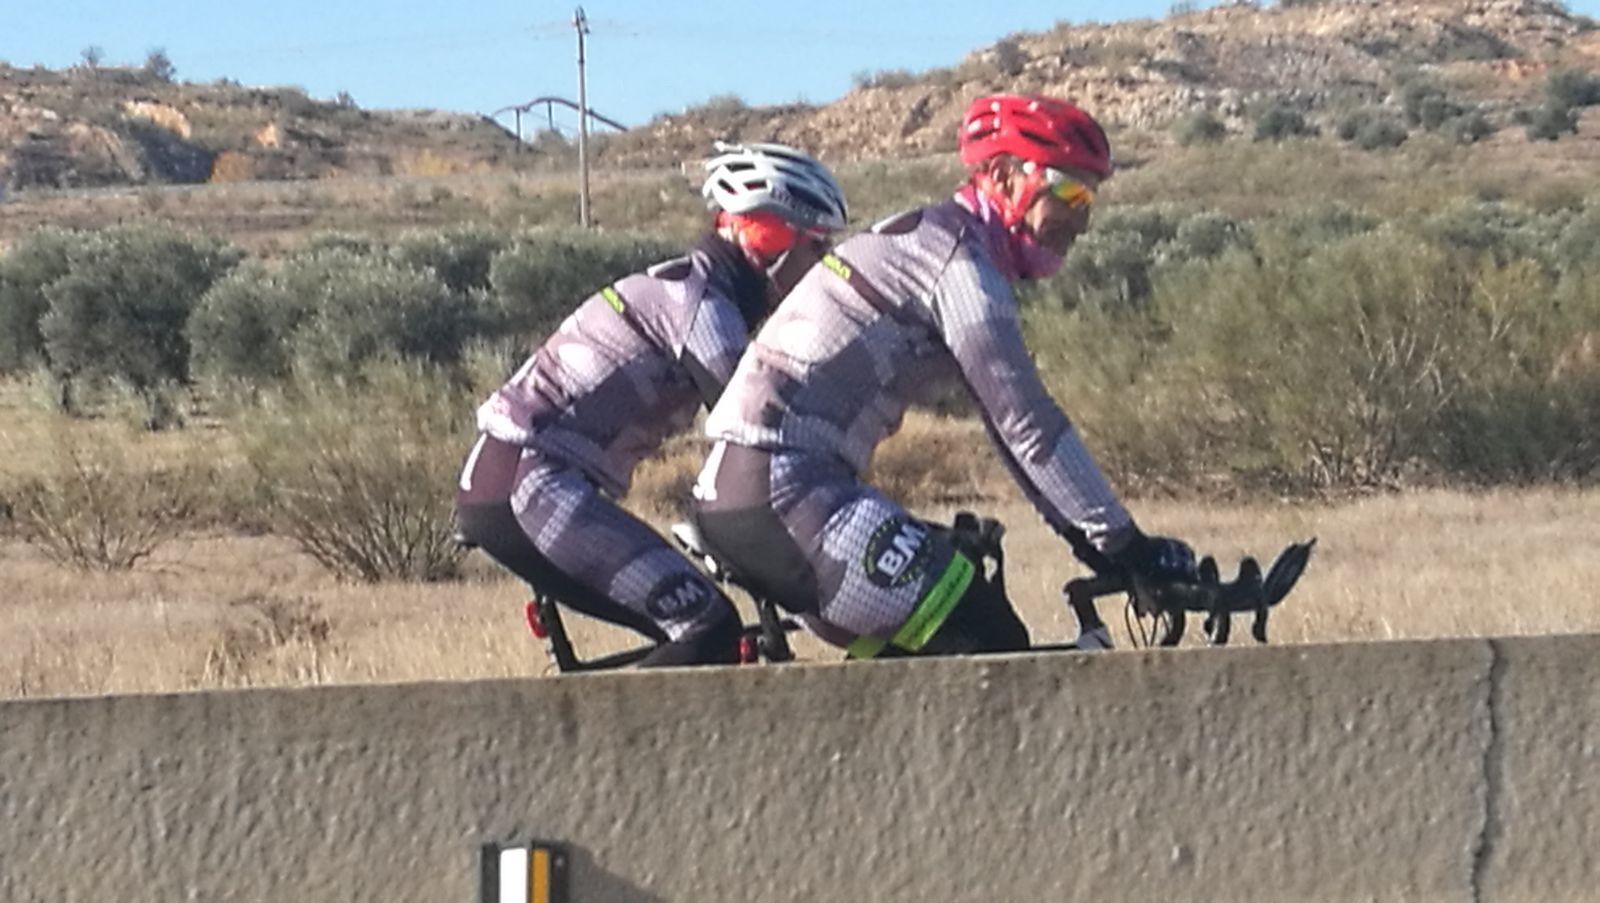 Grupeta_BM_Biciletas Mañas BM-Tienda-de-venta-y-reparacion-de-bicicletas-Ridley-Madrid_11